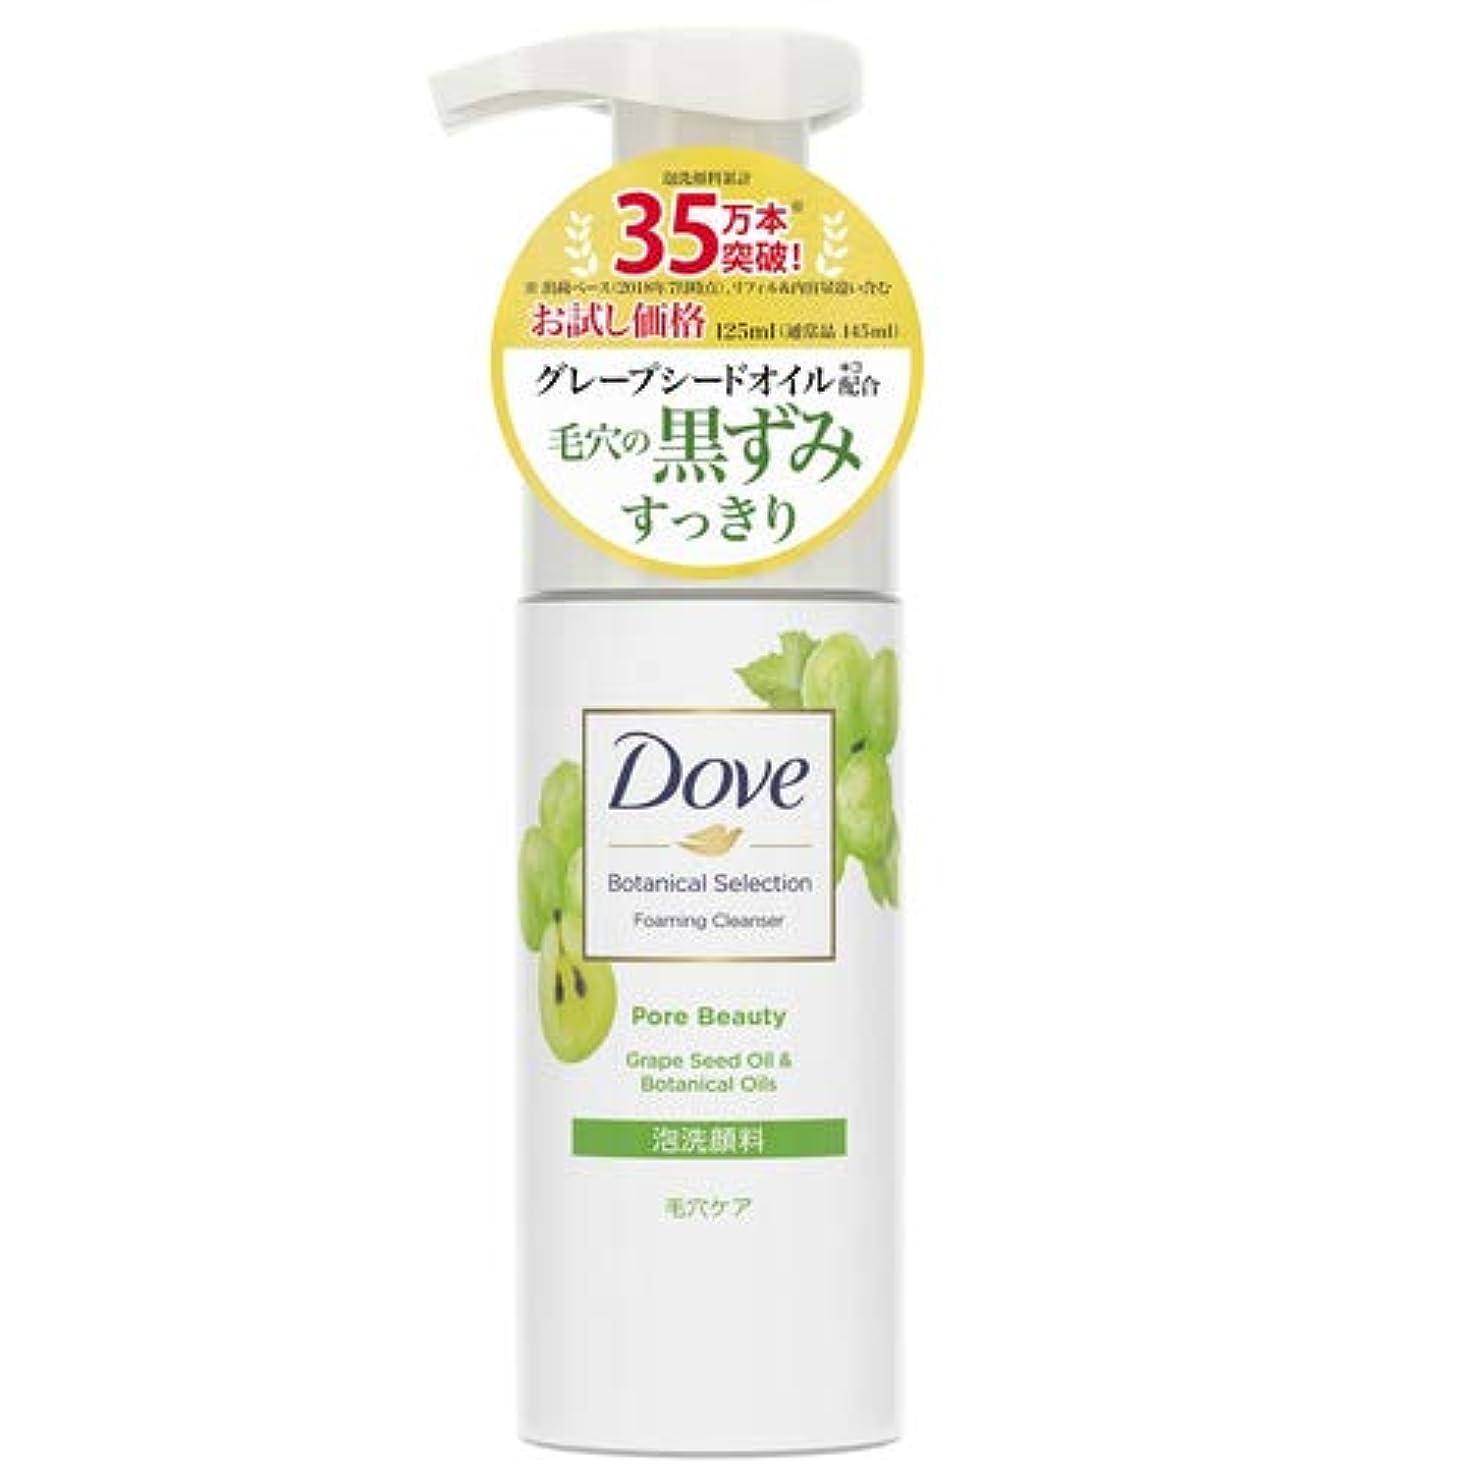 並外れたグロー合意Dove(ダヴ) ダヴBポアビューティー泡洗顔お試し価格品125ML